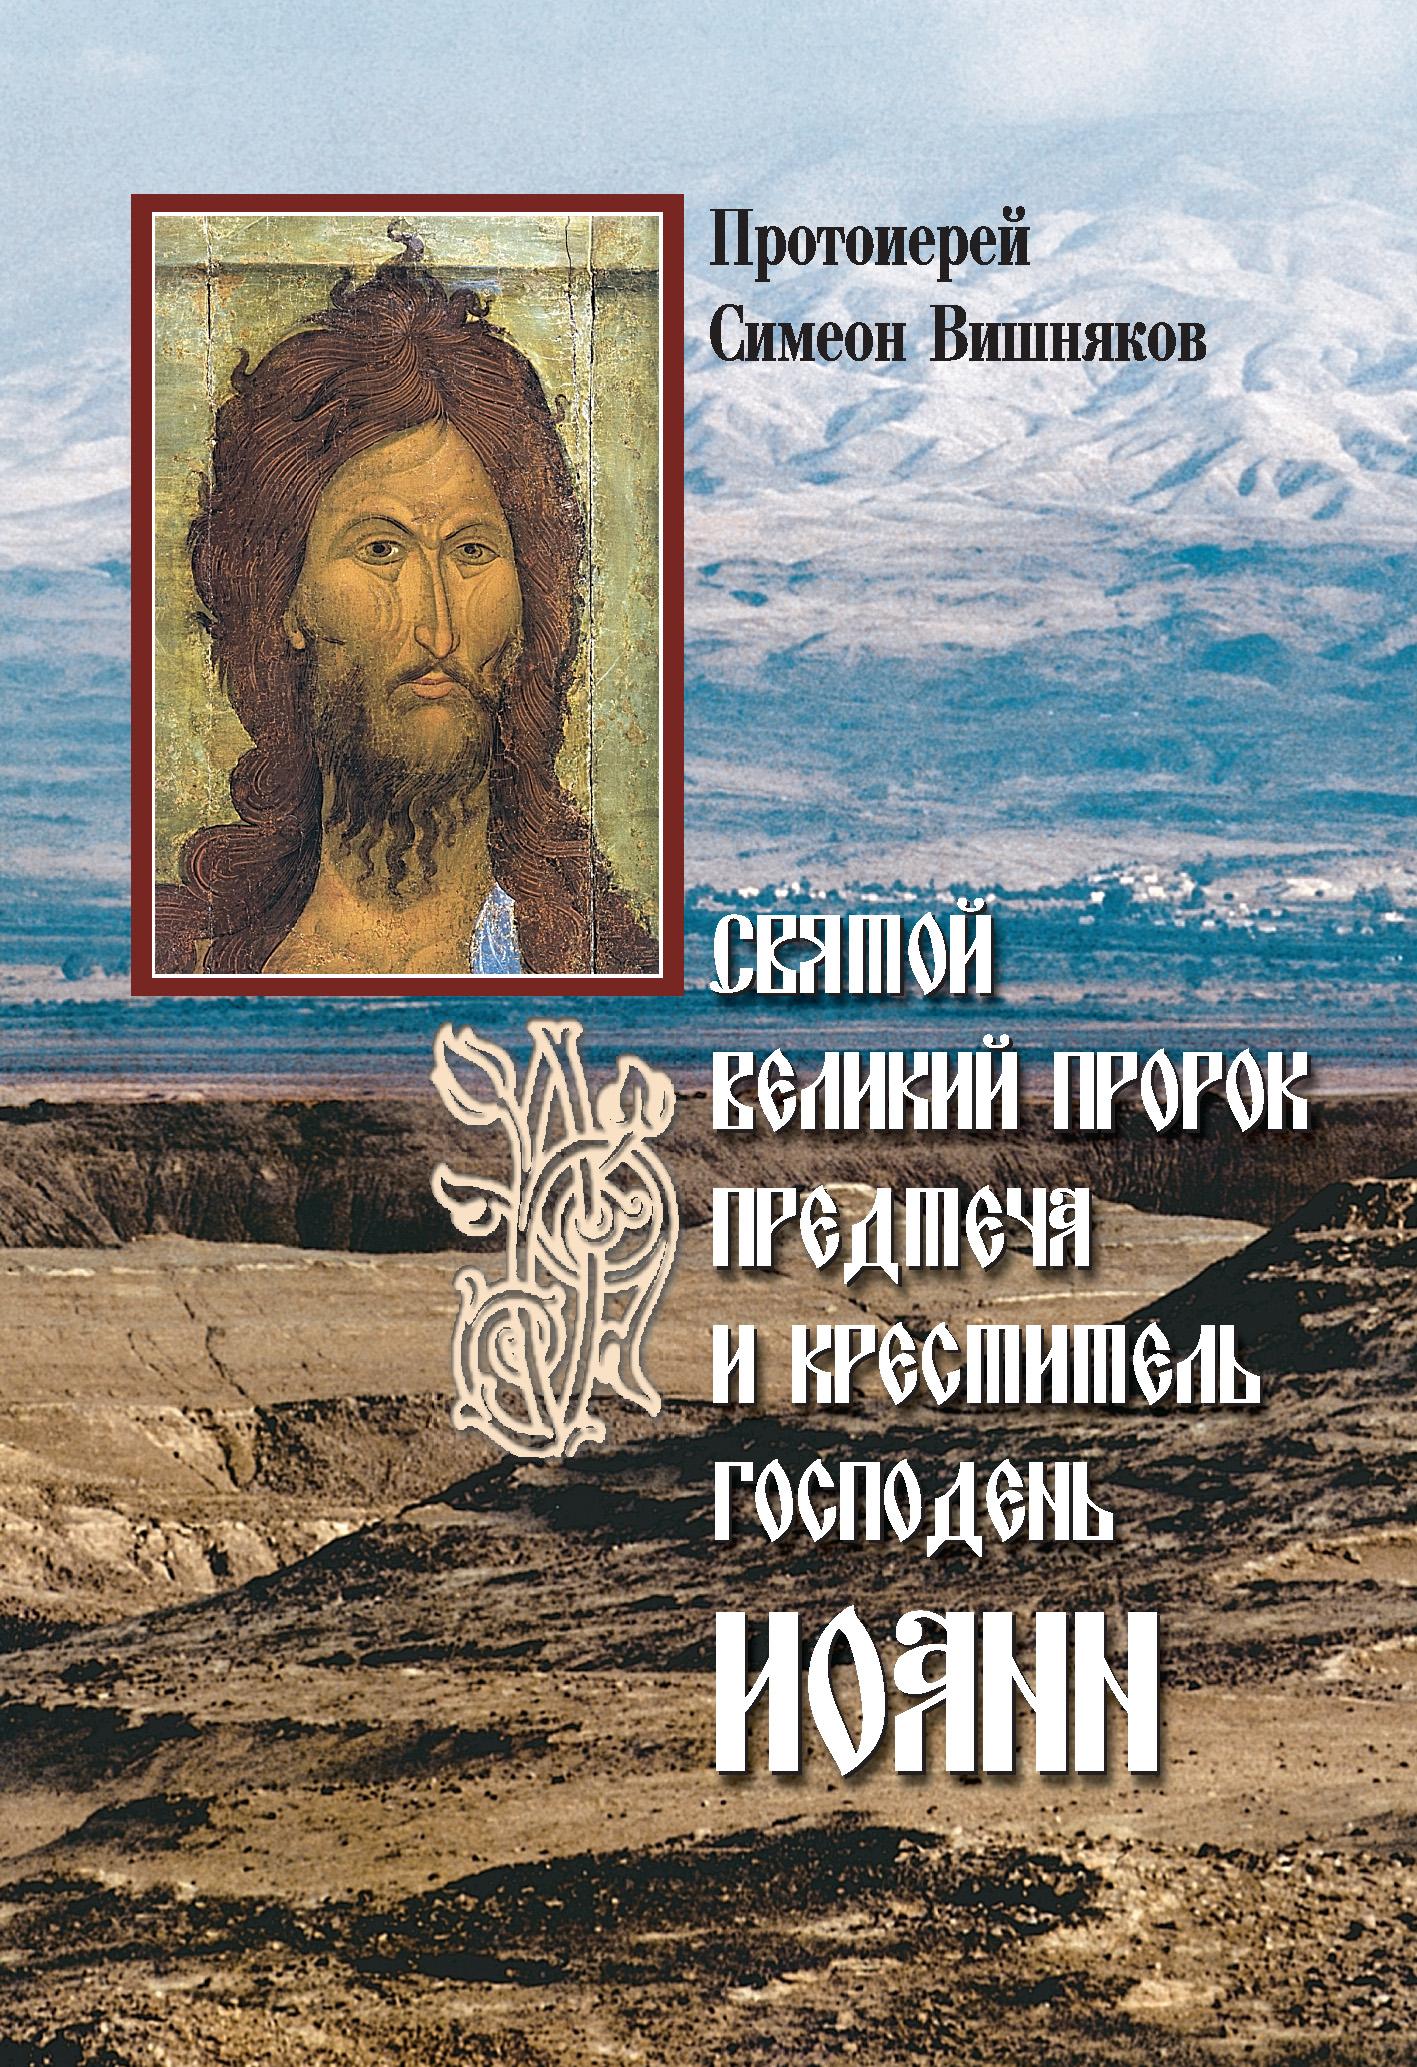 Протоиерей Симеон Вишняков Святой Великий Пророк Предтеча и Креститель Господень Иоанн